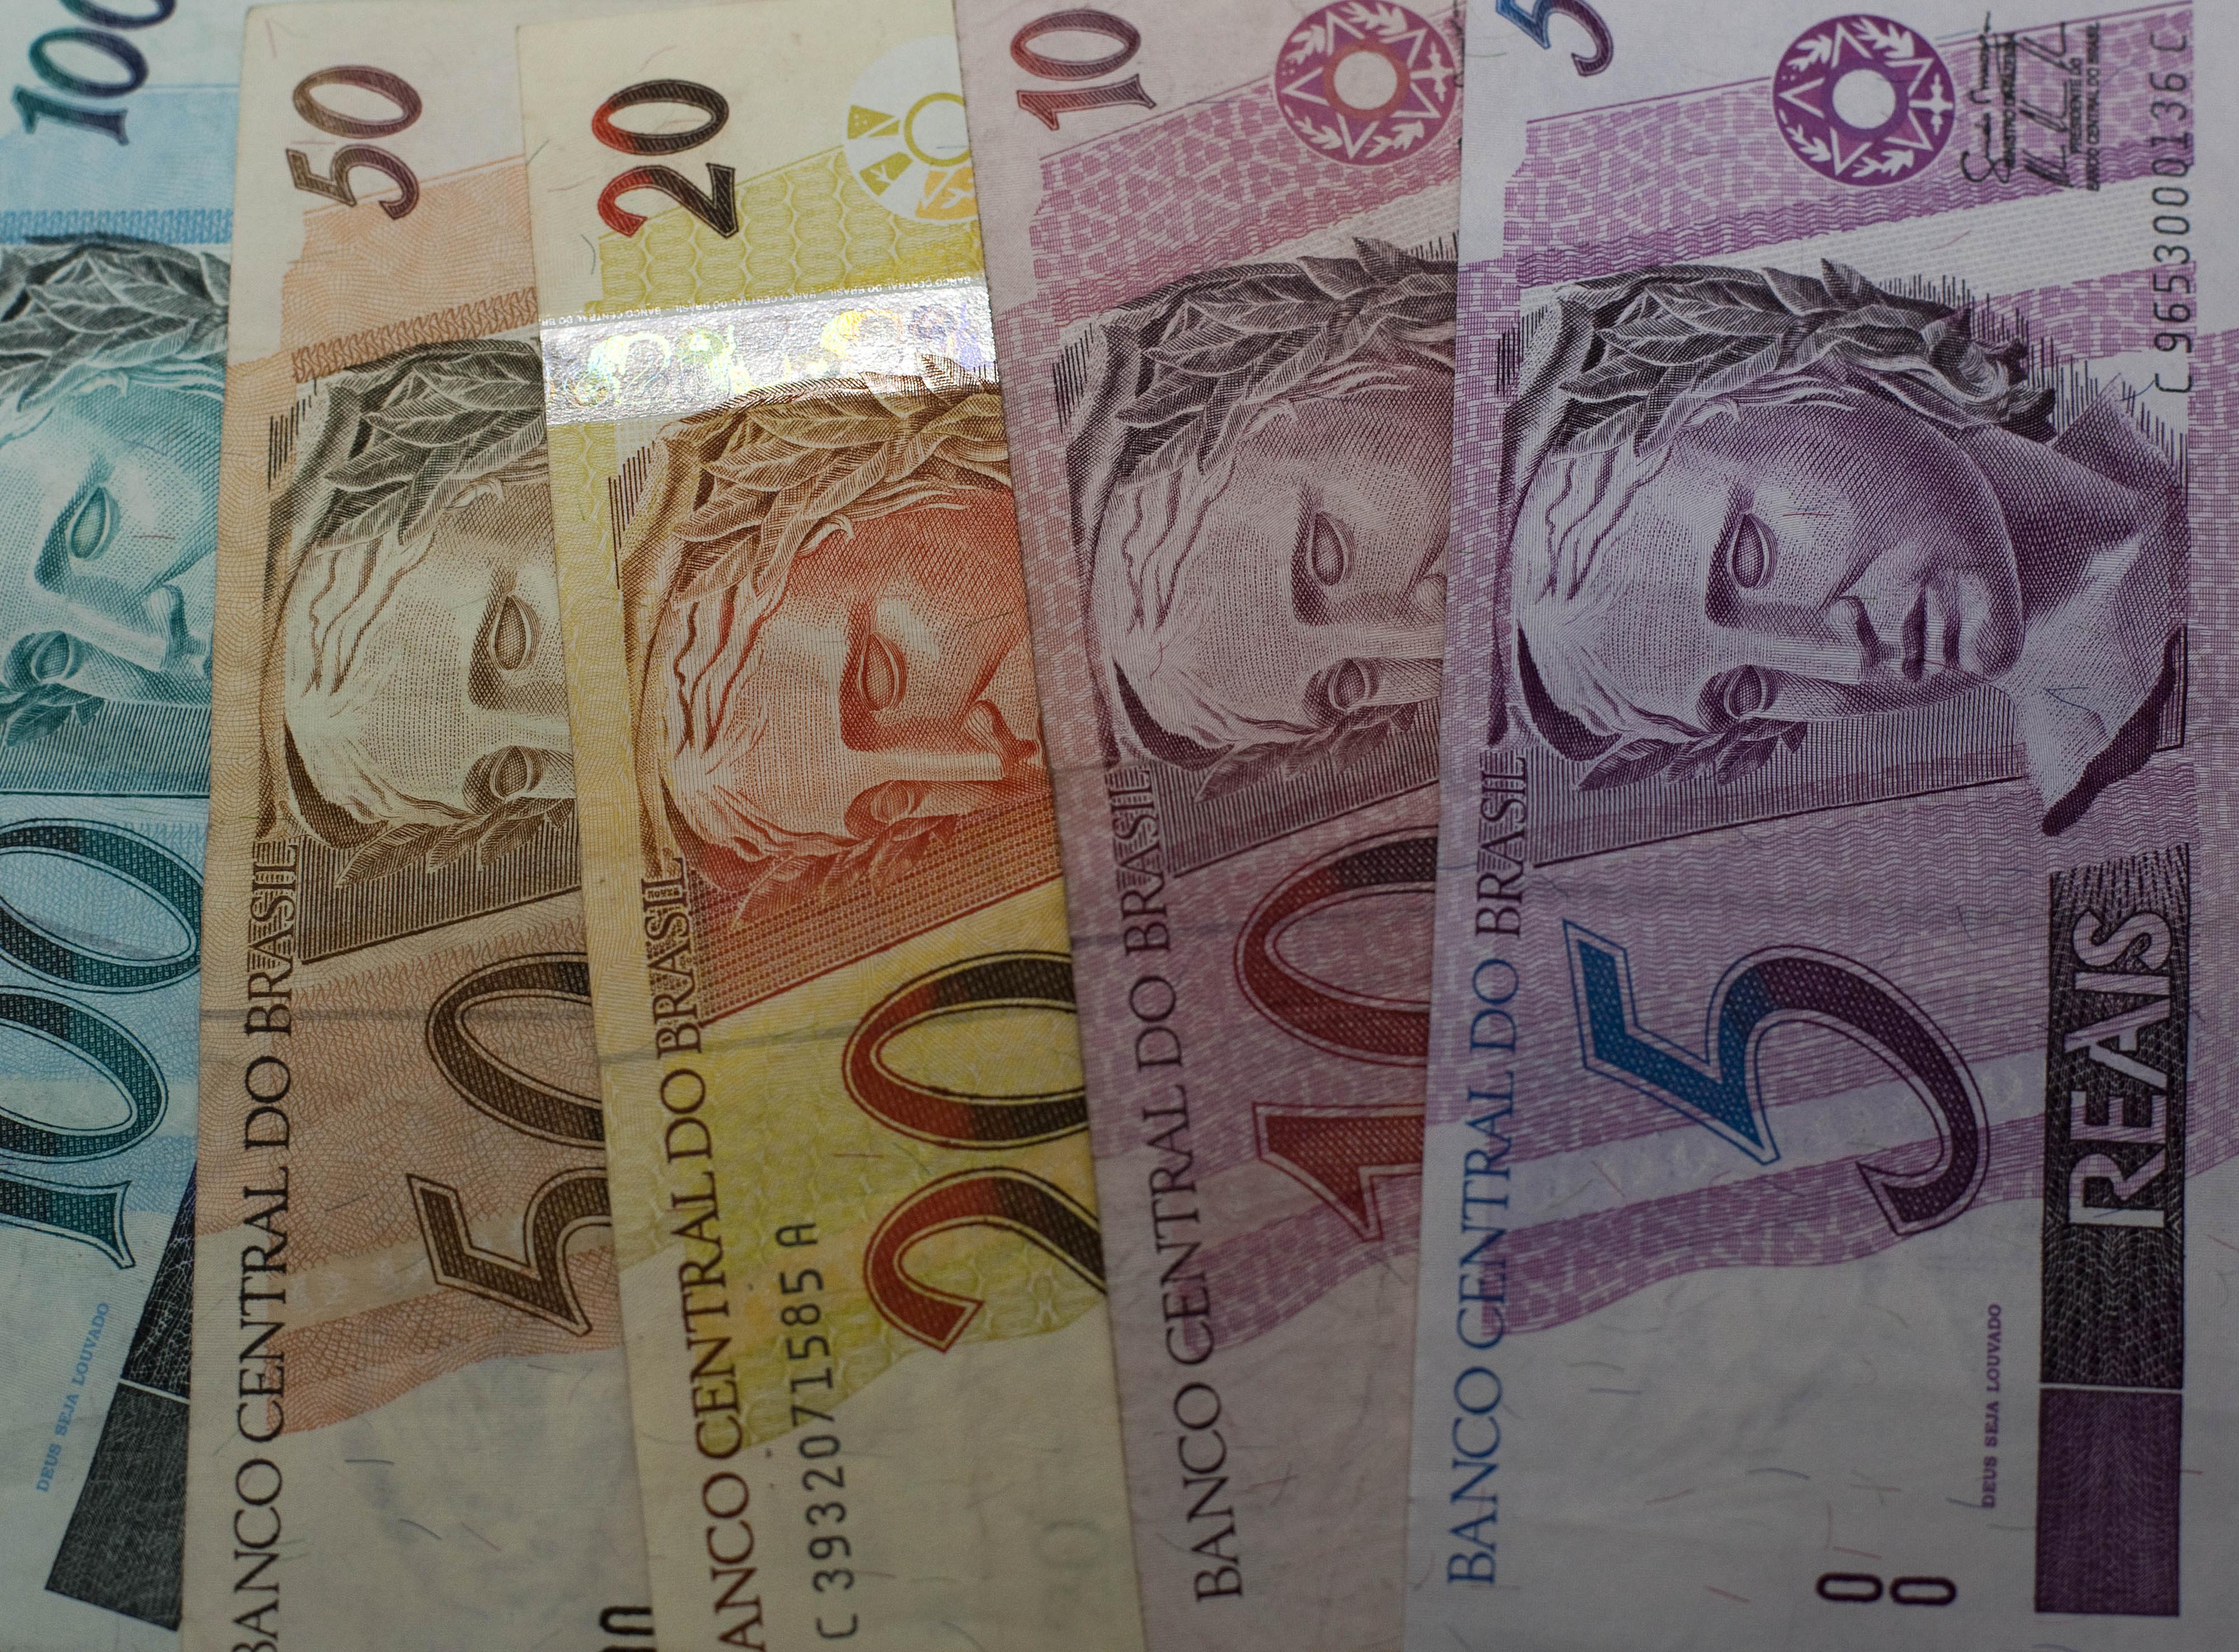 Dívida pública do Brasil sobe 2,7% em junho relativamente a maio